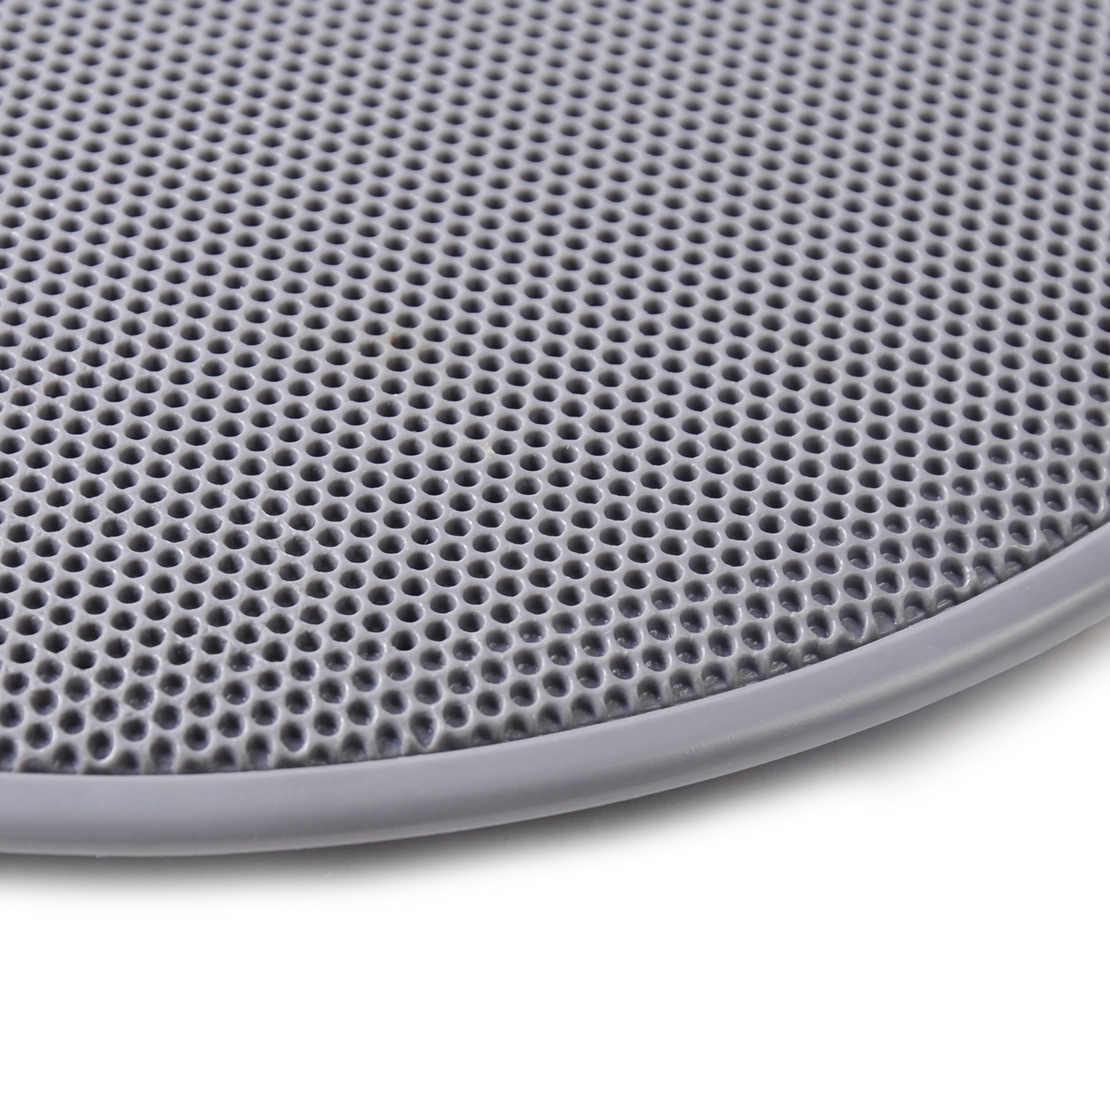 dwcx 2x door loud speaker cover grill 3b0868149 for volkswagen passat b5 jetta mk4 golf gti  [ 1110 x 1110 Pixel ]